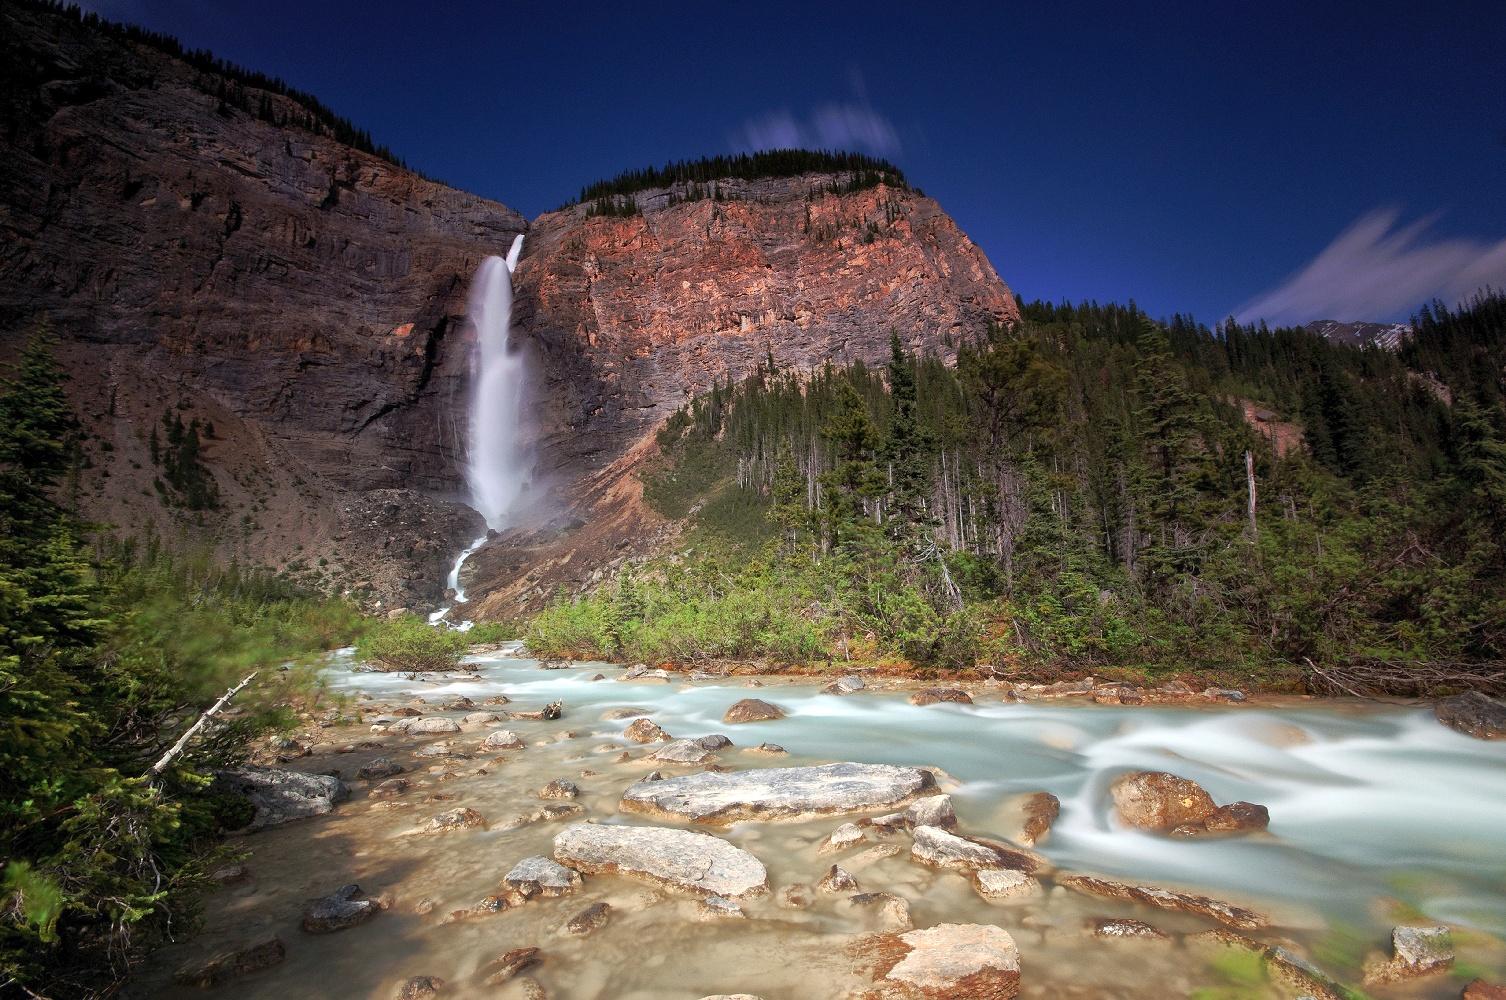 Kanada Yoho NP Takakkaw Falls ©123RF